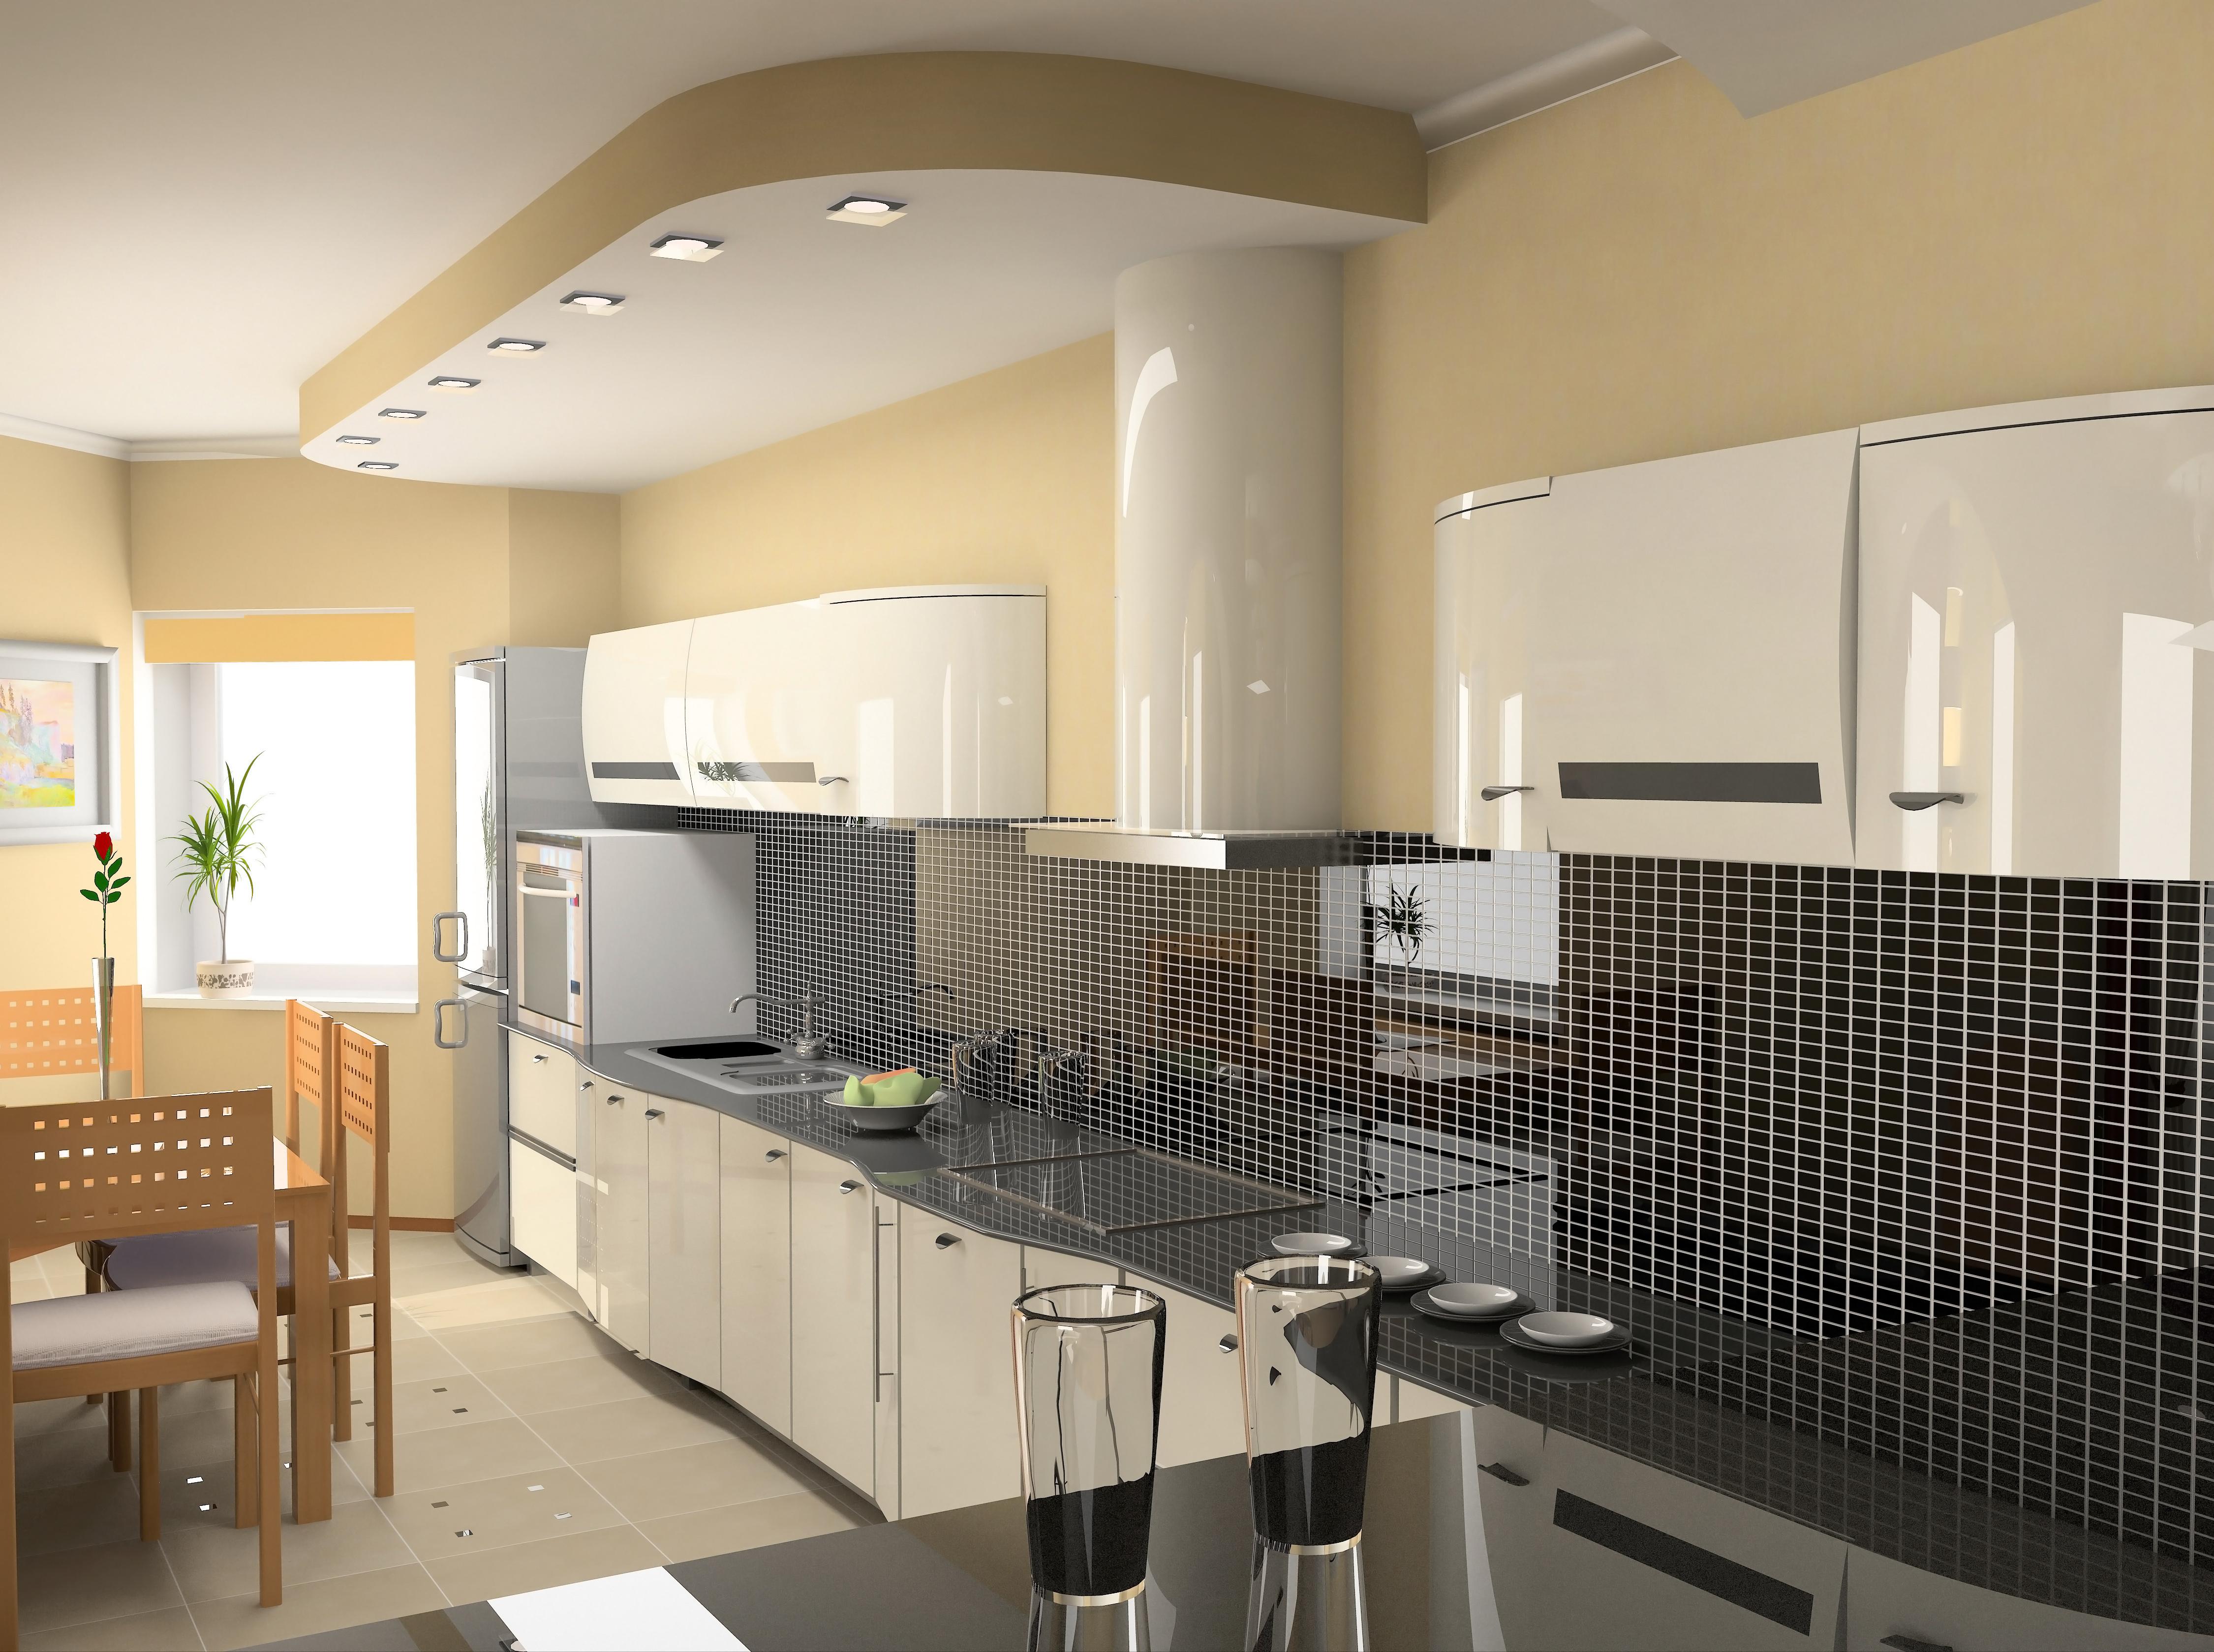 Remodelações de cozinhas City Obras #43681F 4500 3358